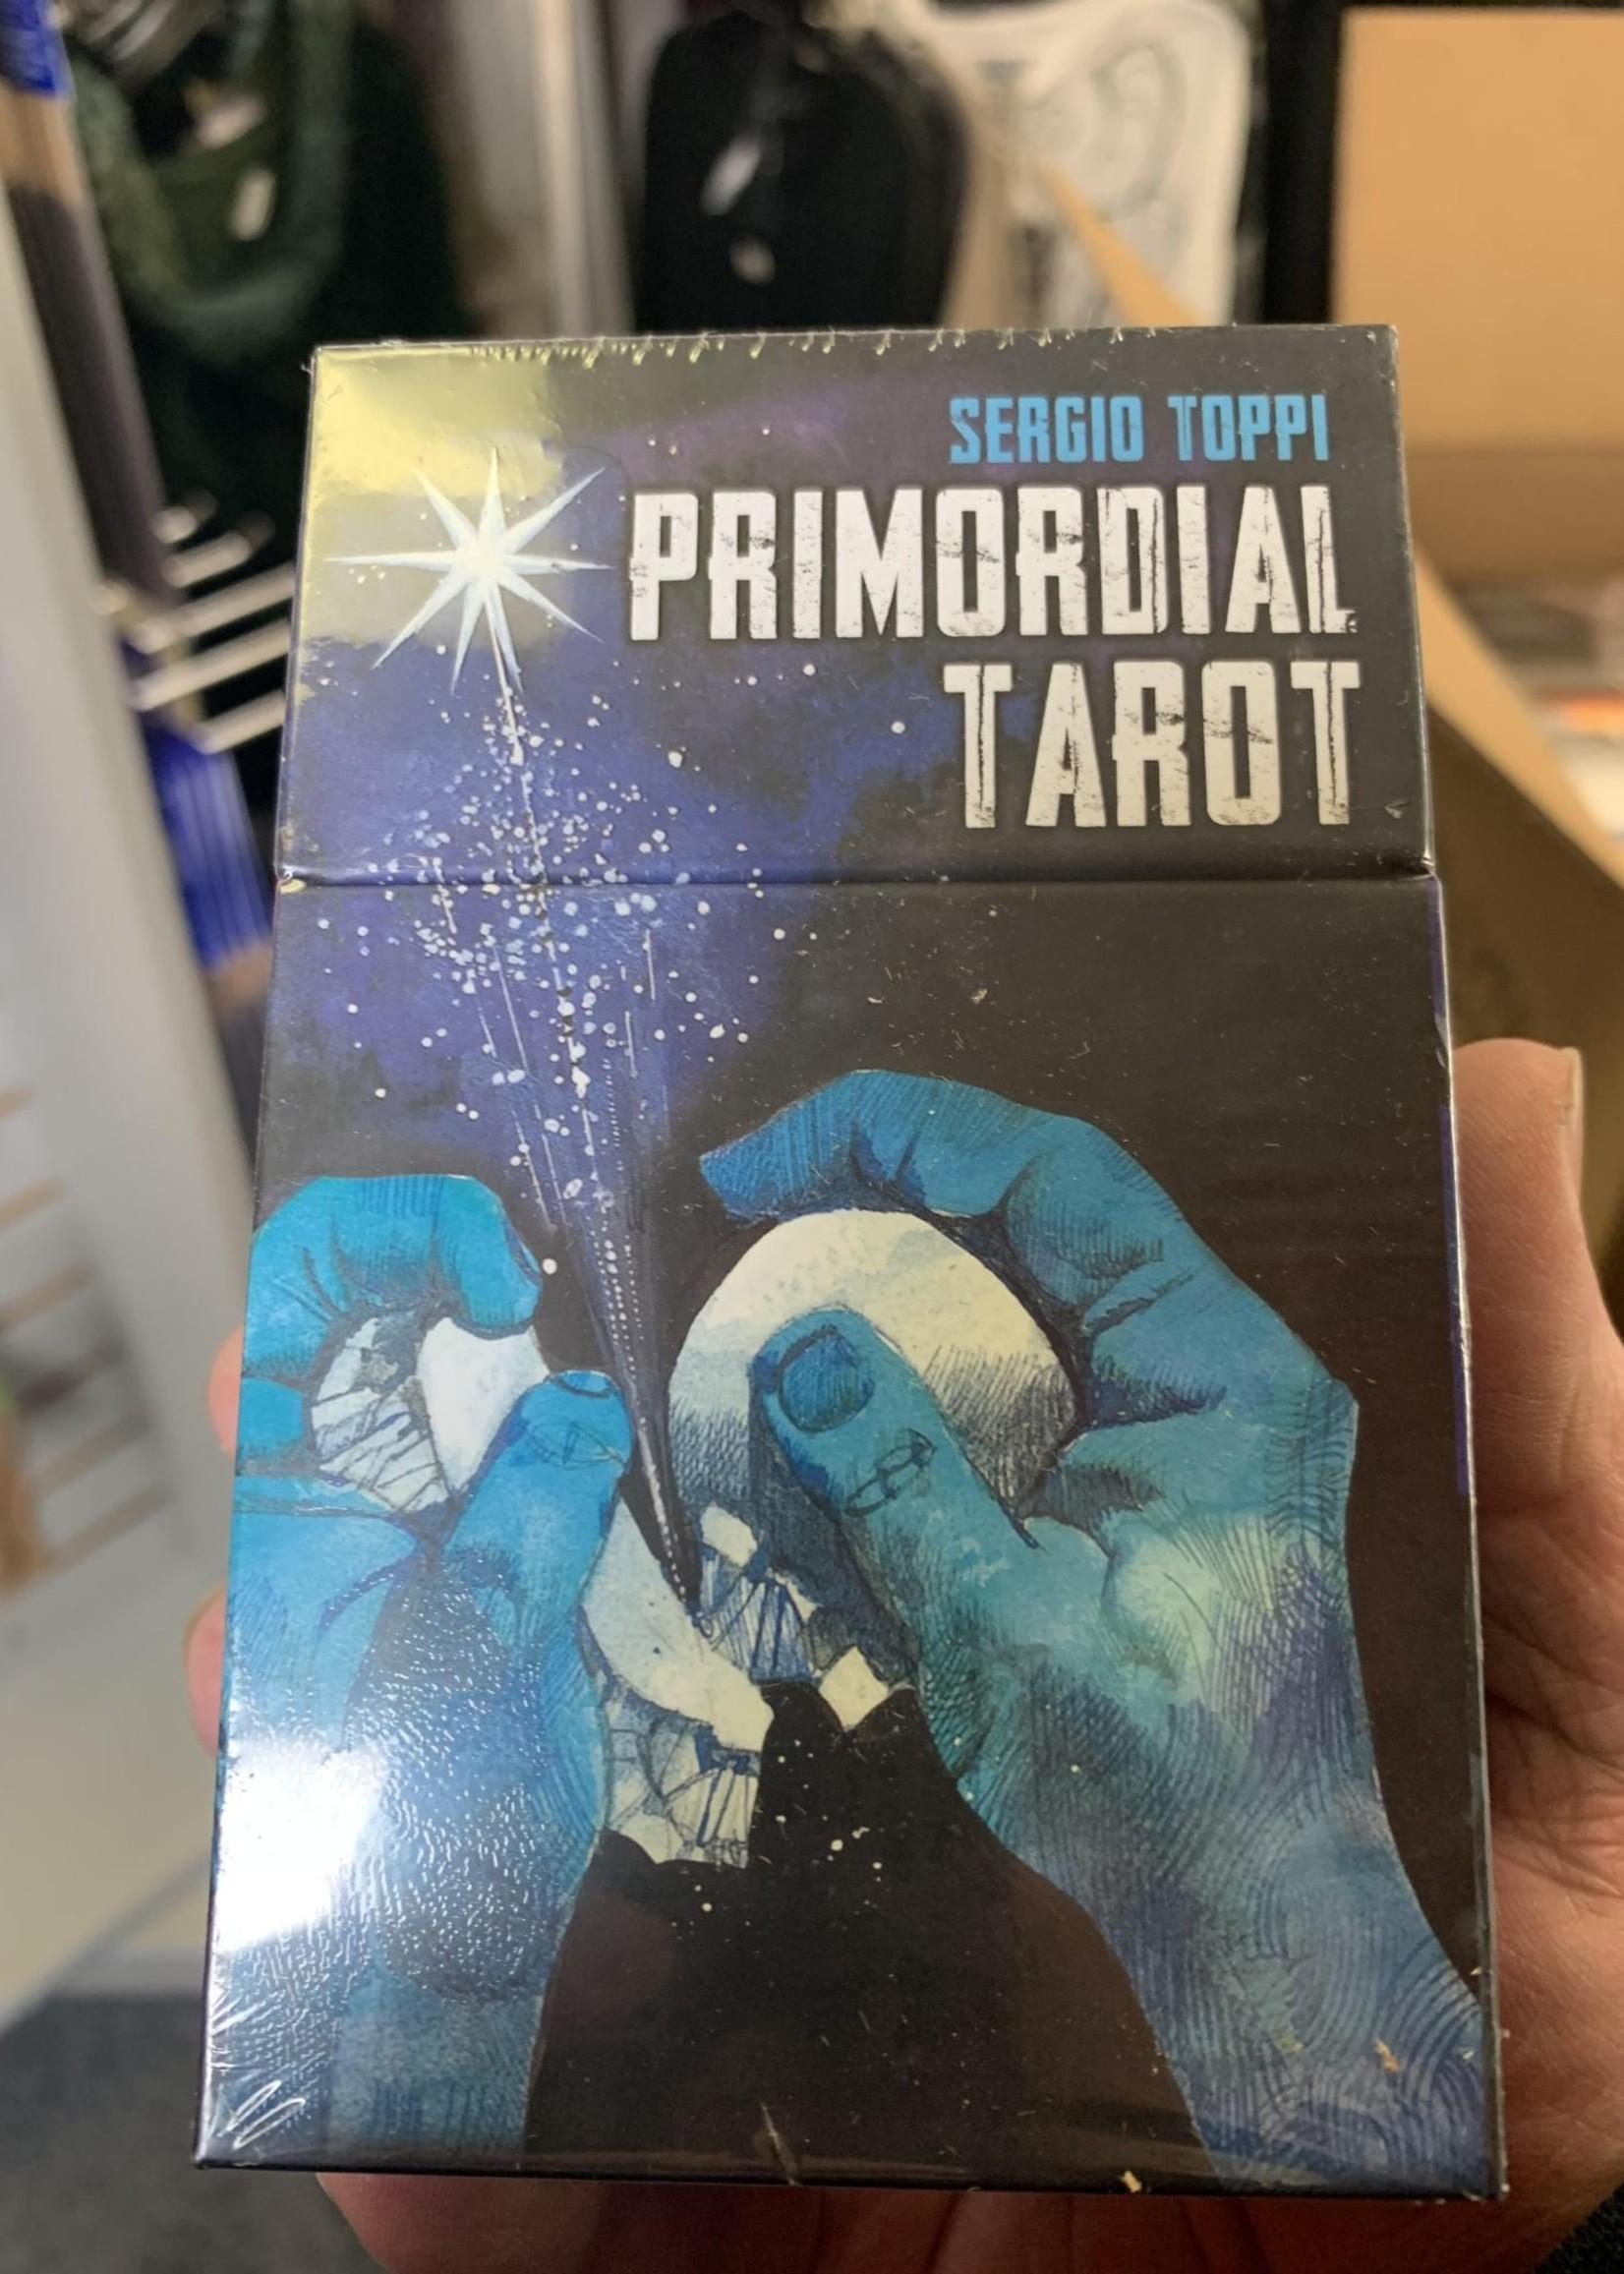 Primoridial Tarot -  BY PIETRO ALLIGO, MANFREDI TORALDO, SERGIO TOPPI